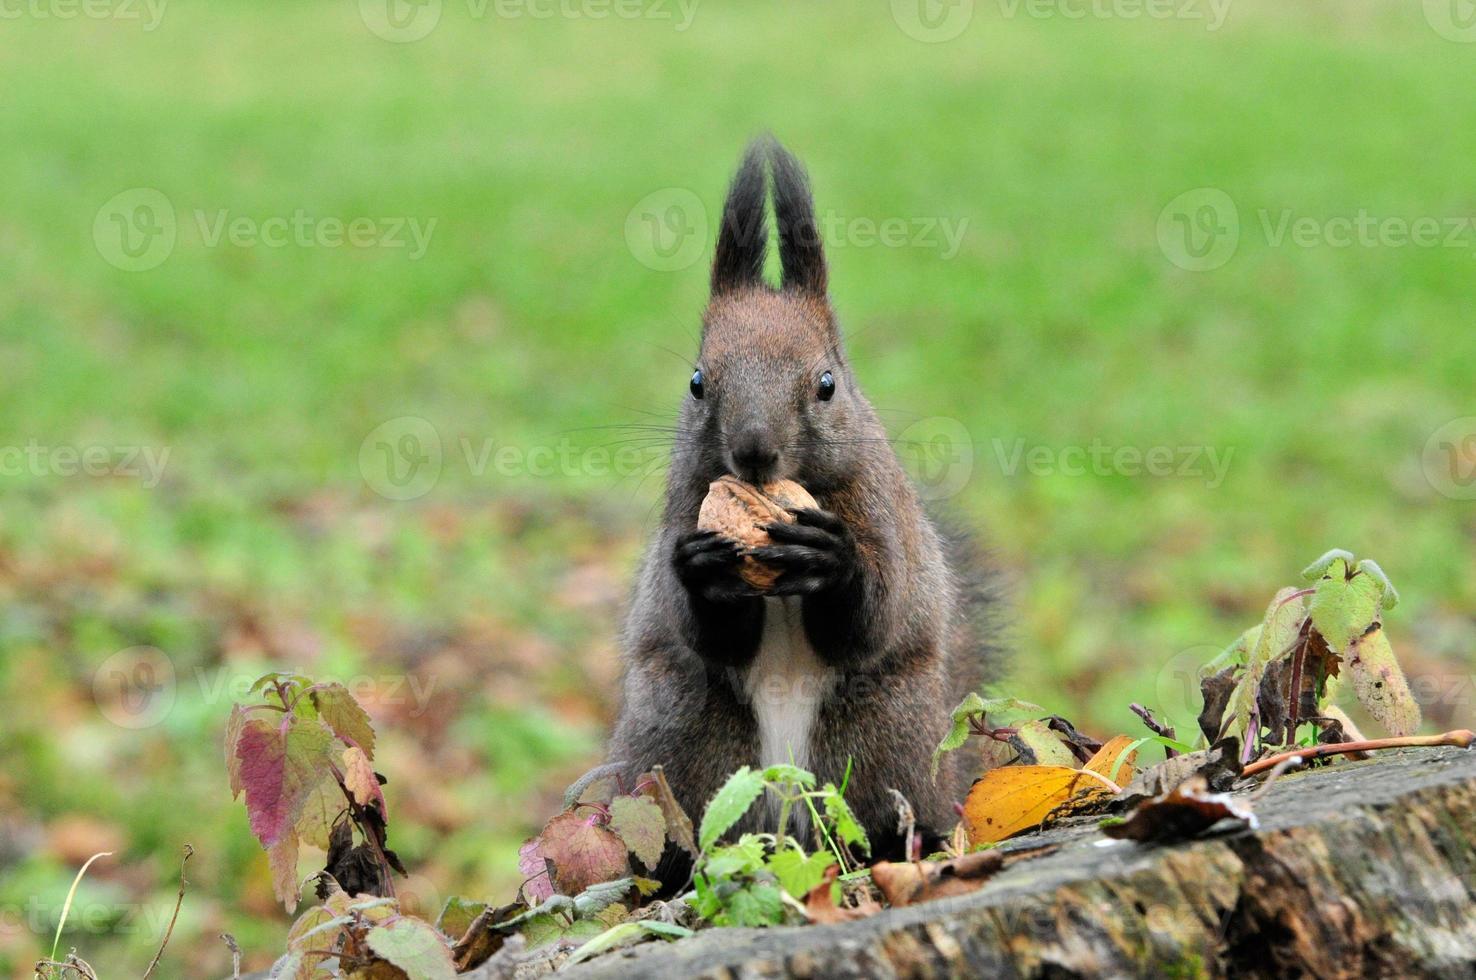 Eichhörnchen. Herbst, November. foto